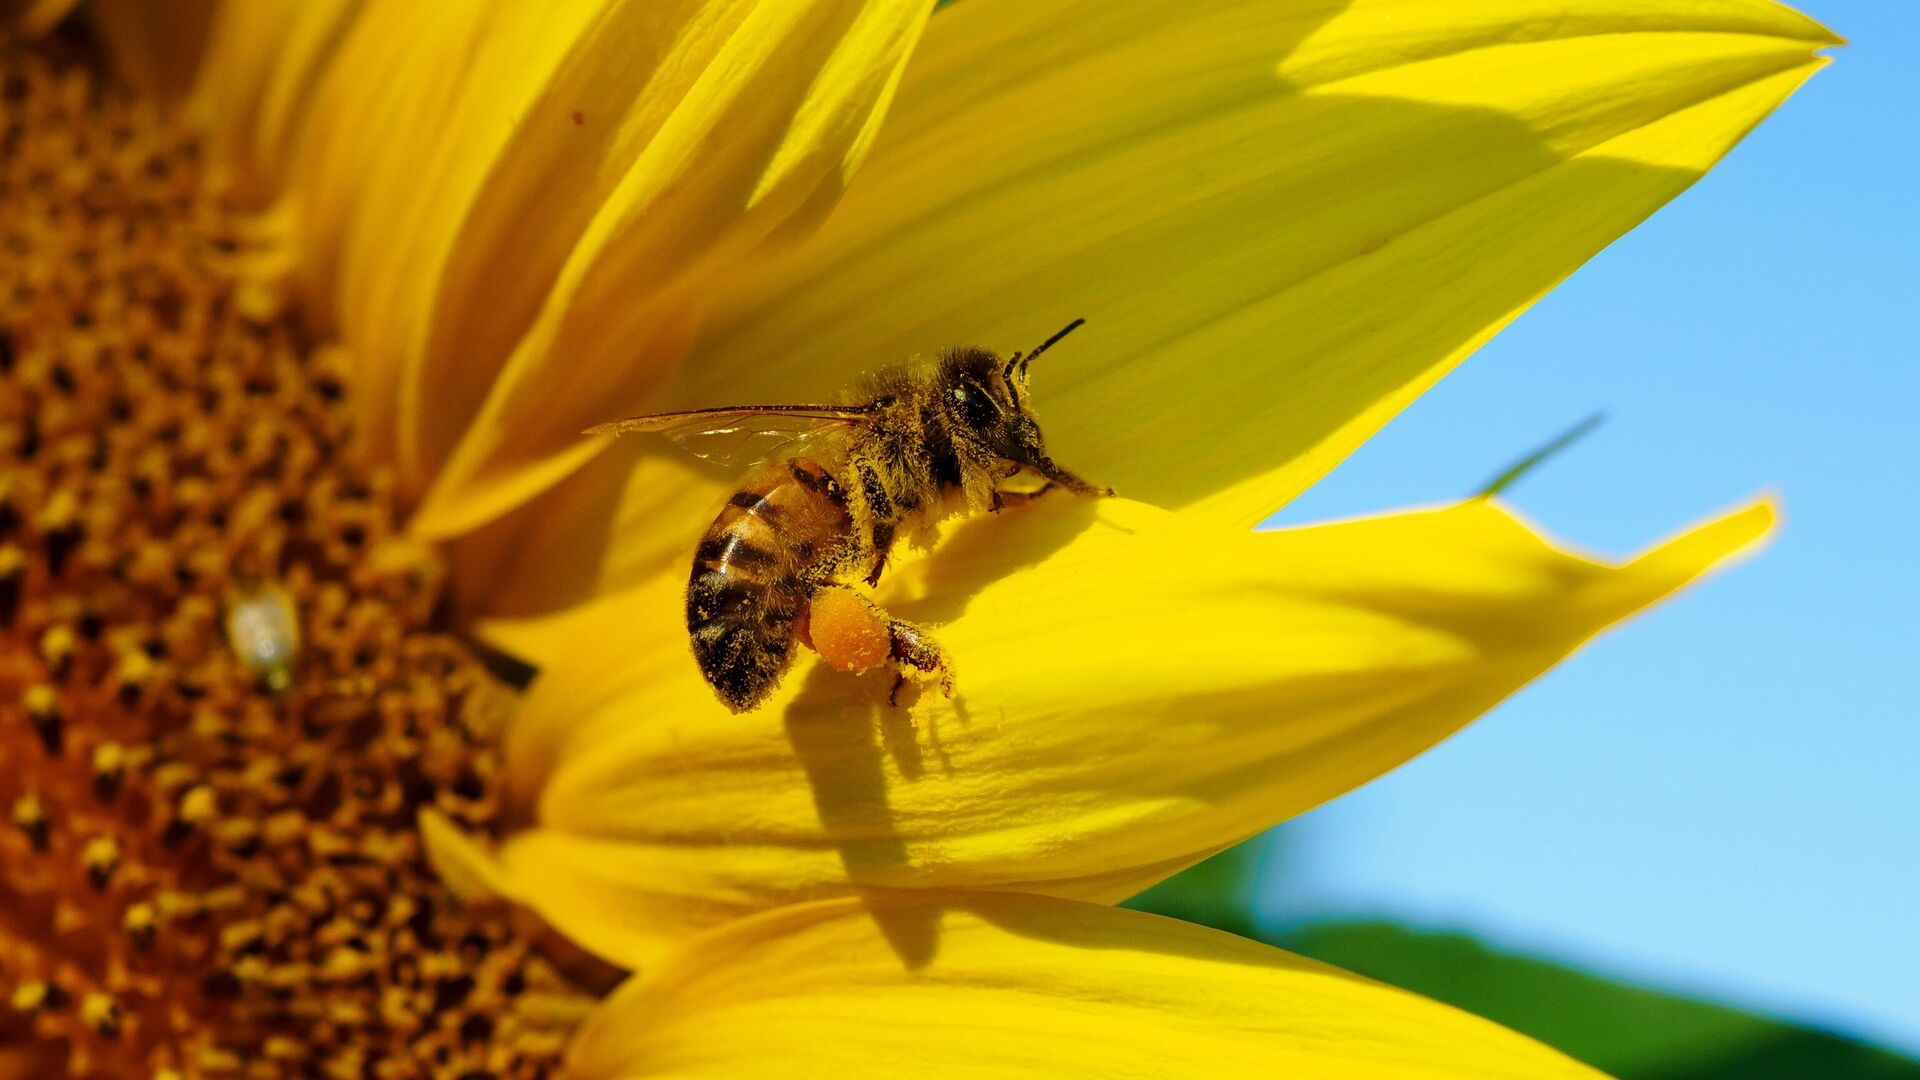 Зоолог рассказал о древних пчелах и их уникальных способностях